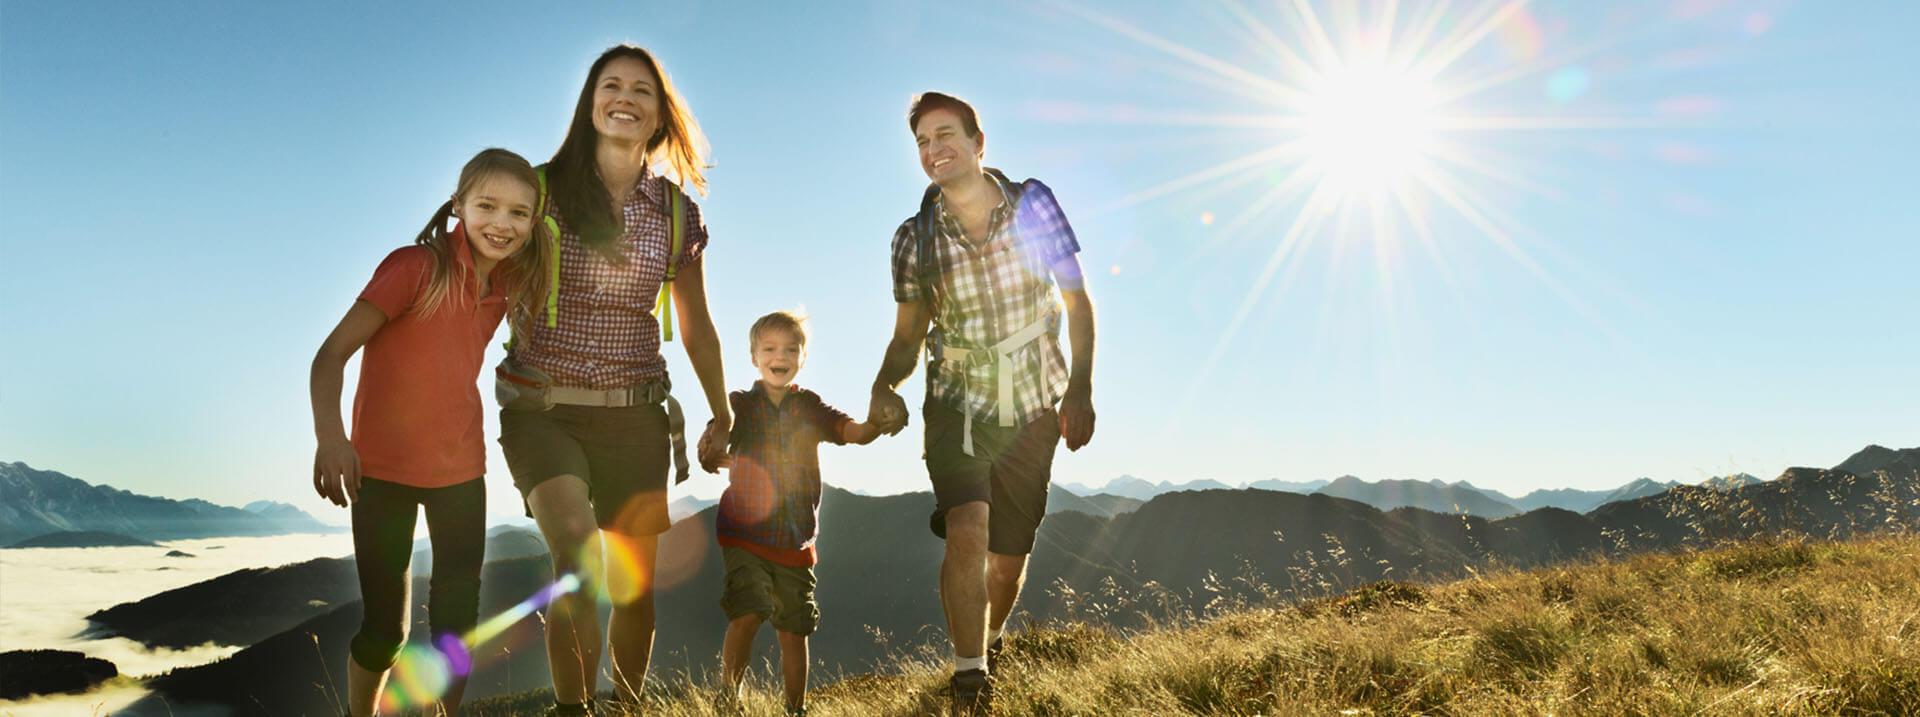 Ferienwohnung in Flachau - Haus Maier - Sommerurlaub